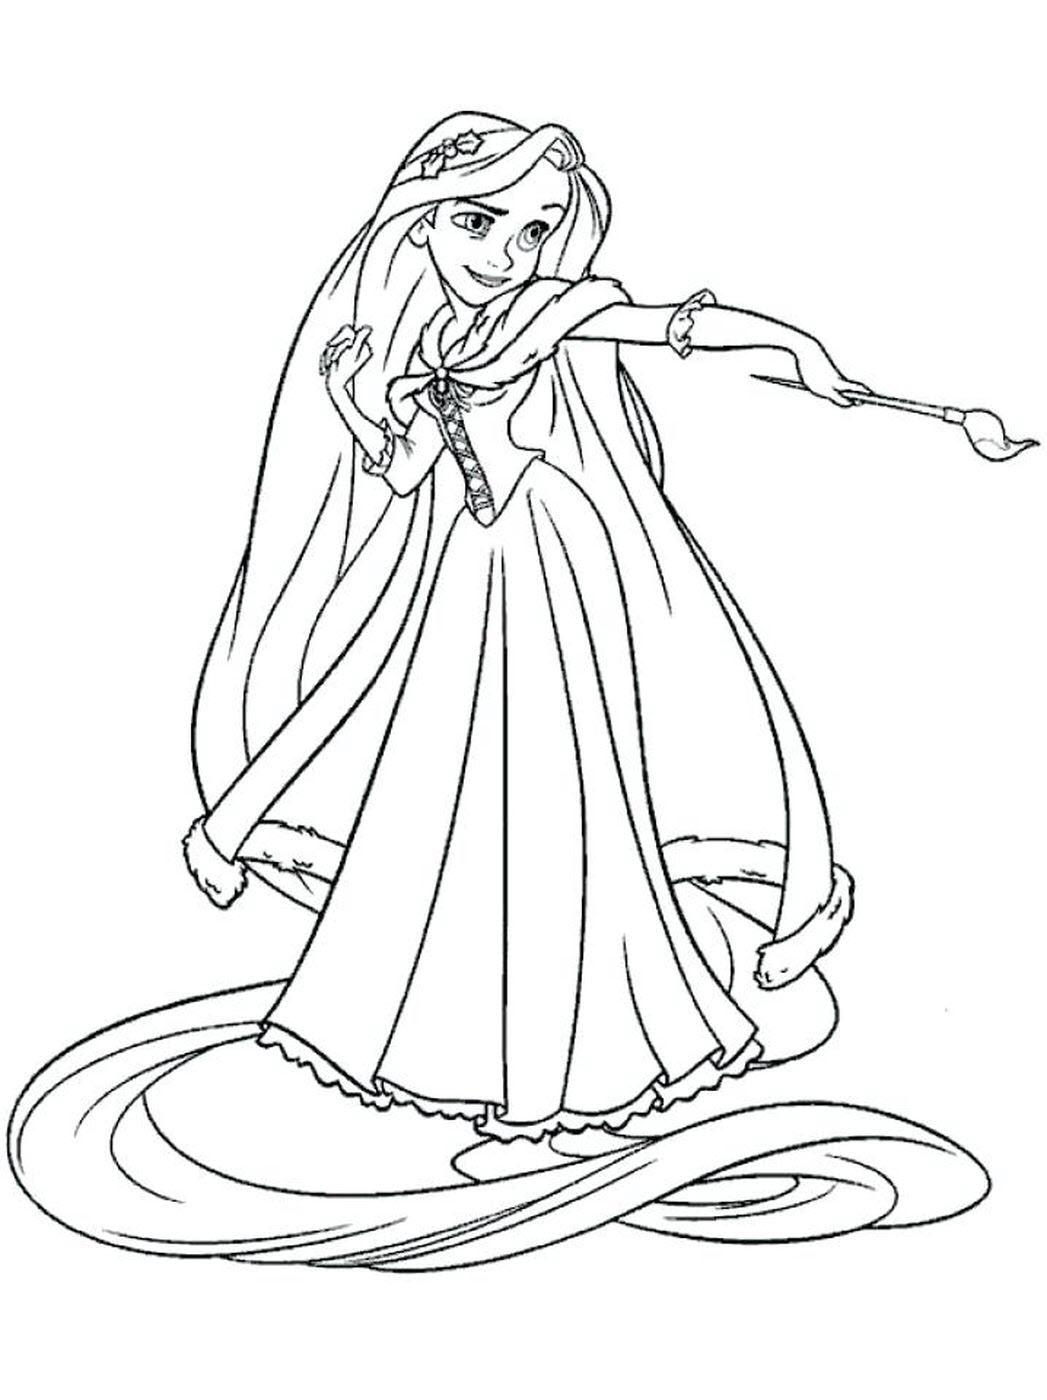 Tranh tô màu công chúa tóc mây dễ thương